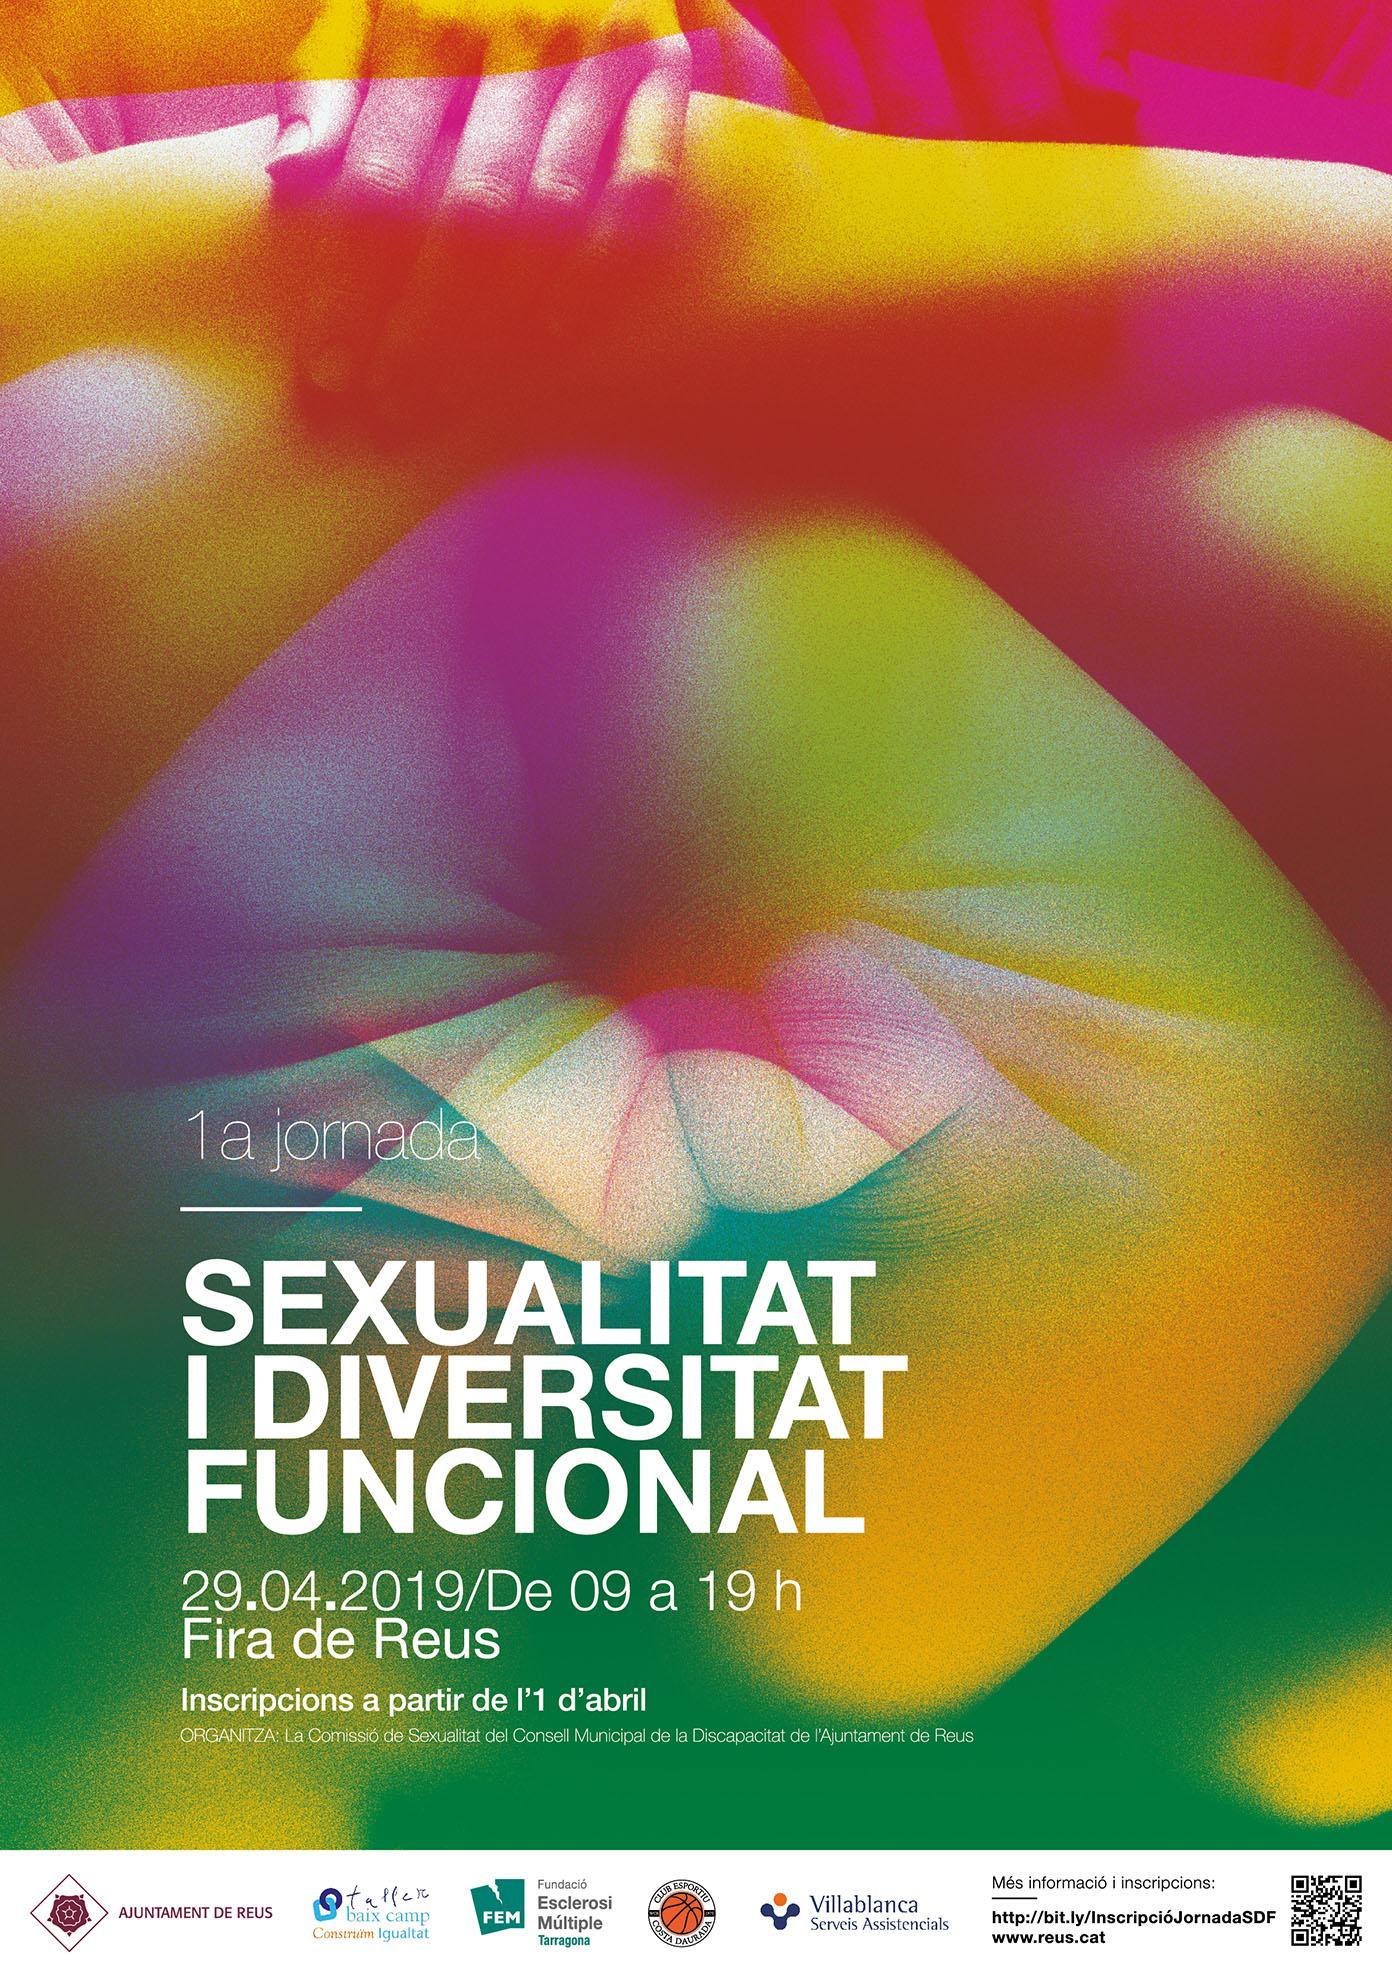 Jornada sexualitat i diversitat funcional